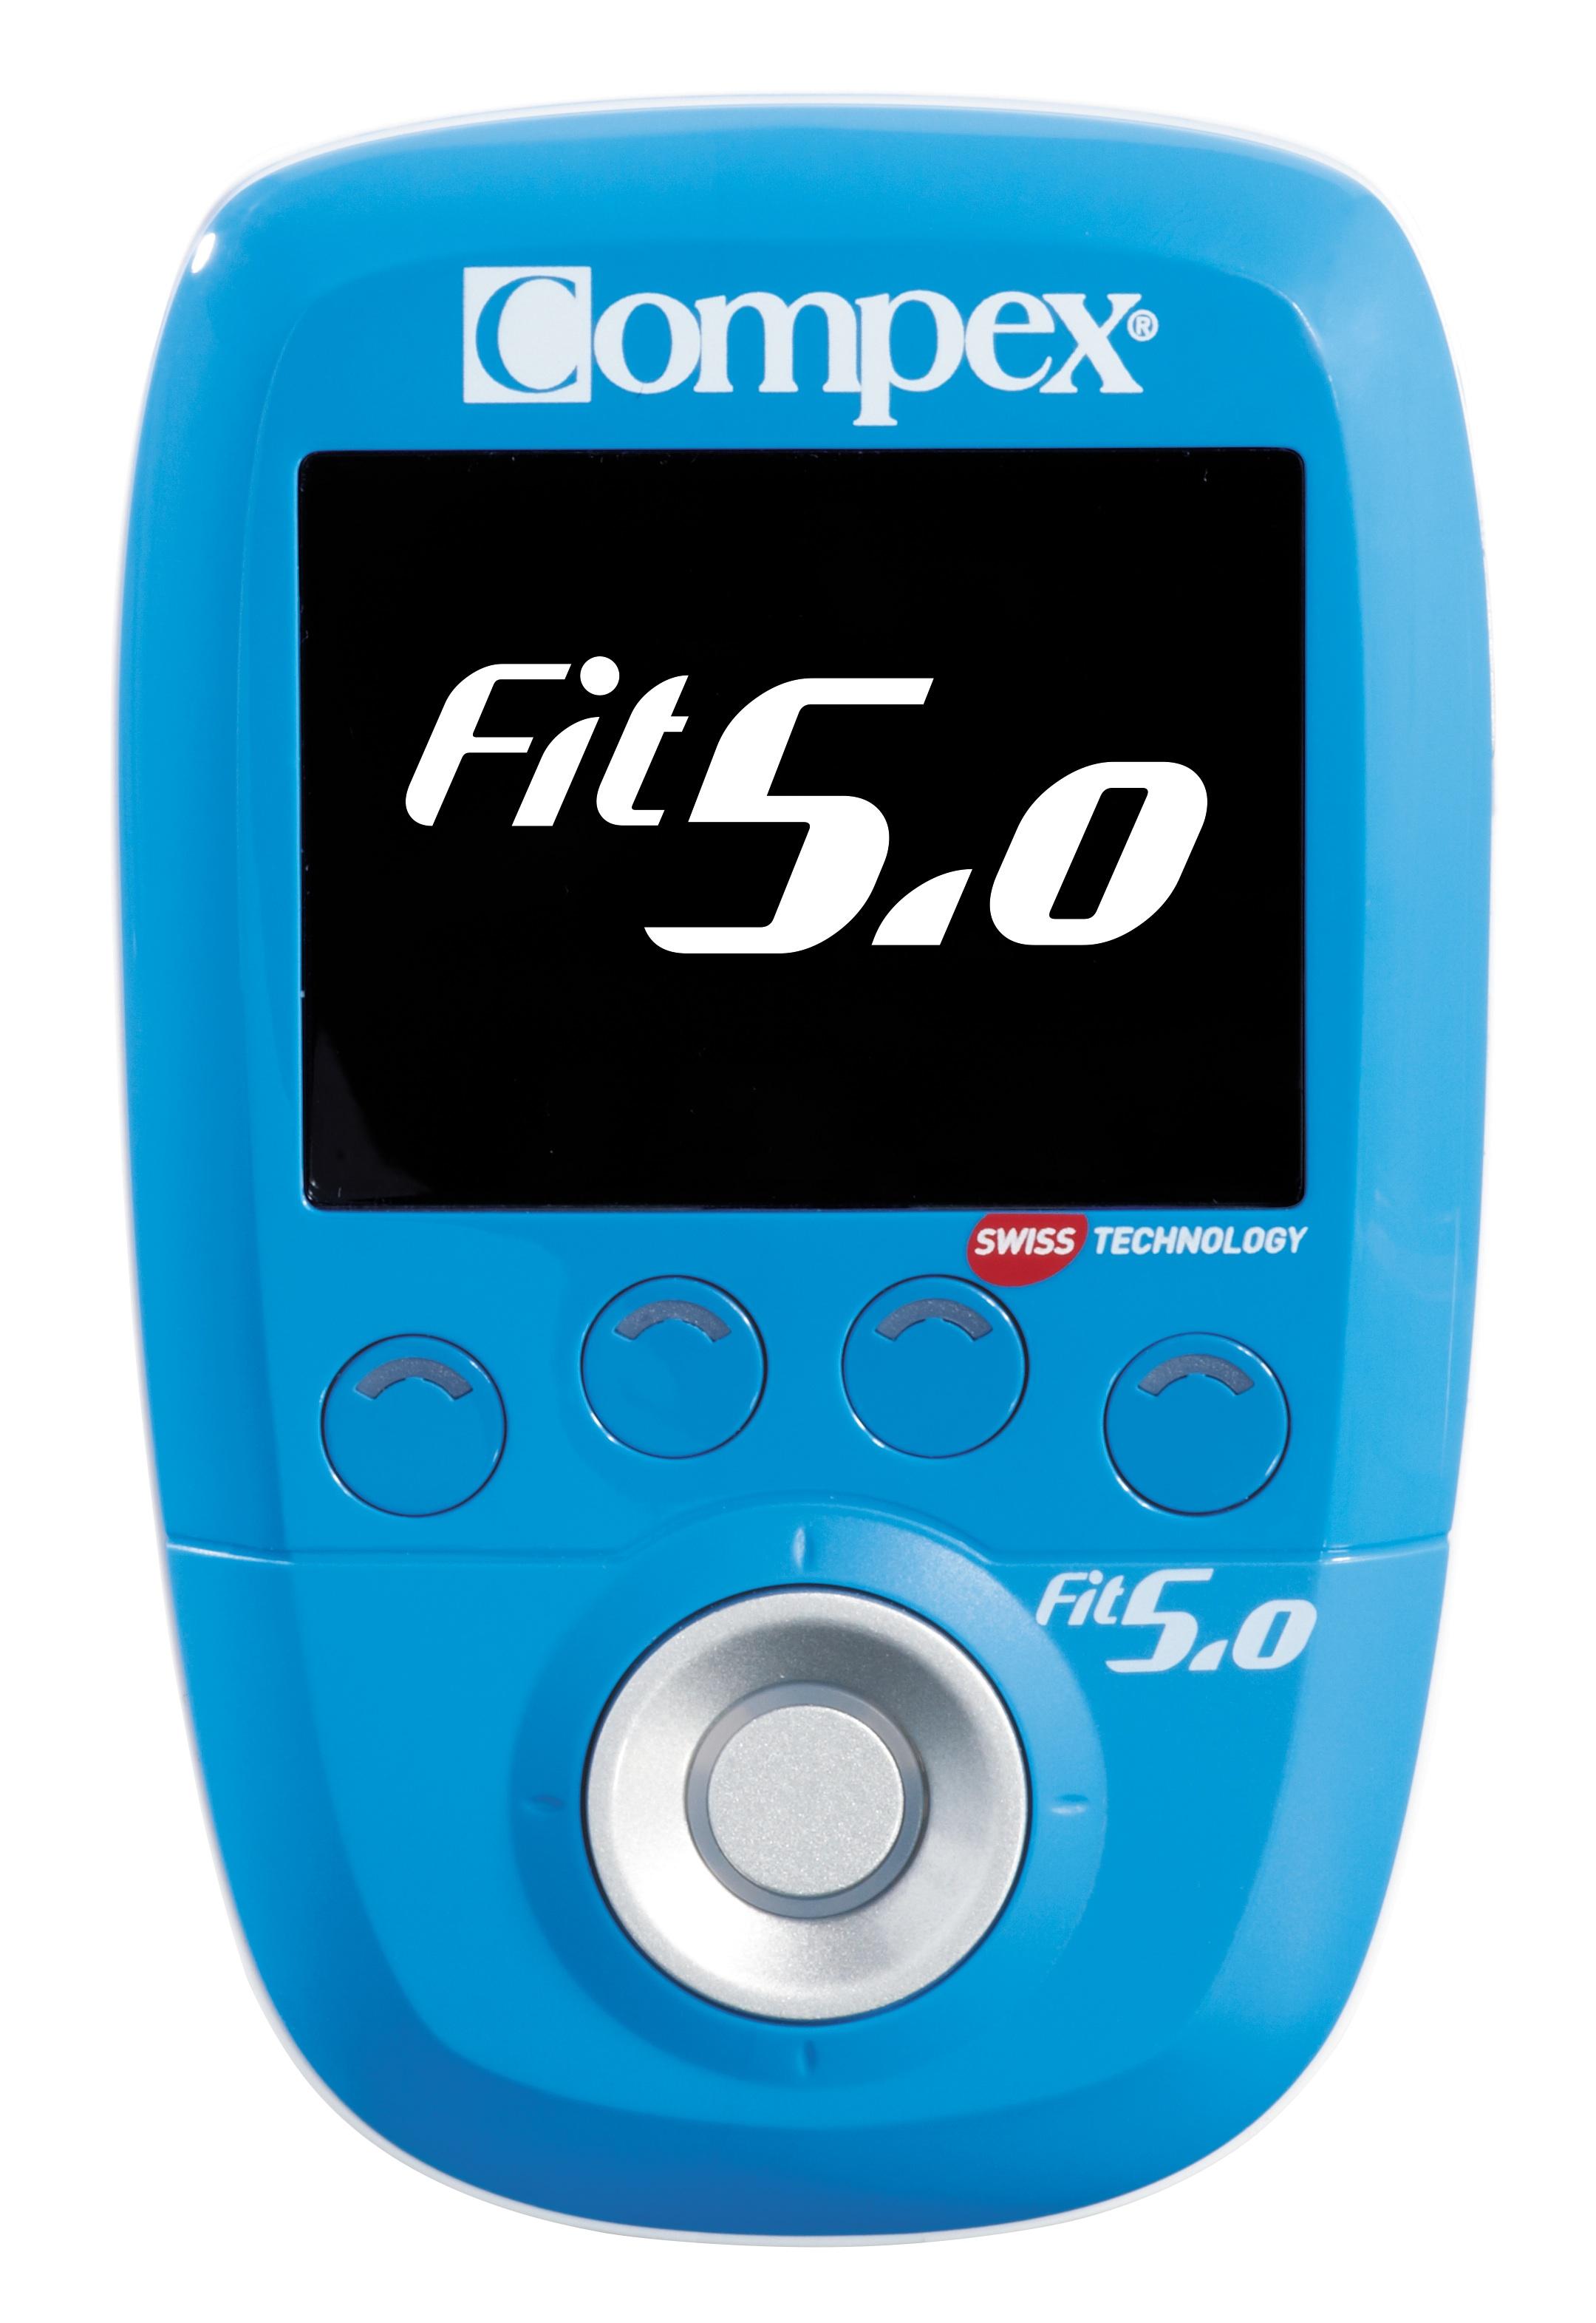 Compex Fit 5.0 zu 599 Euro